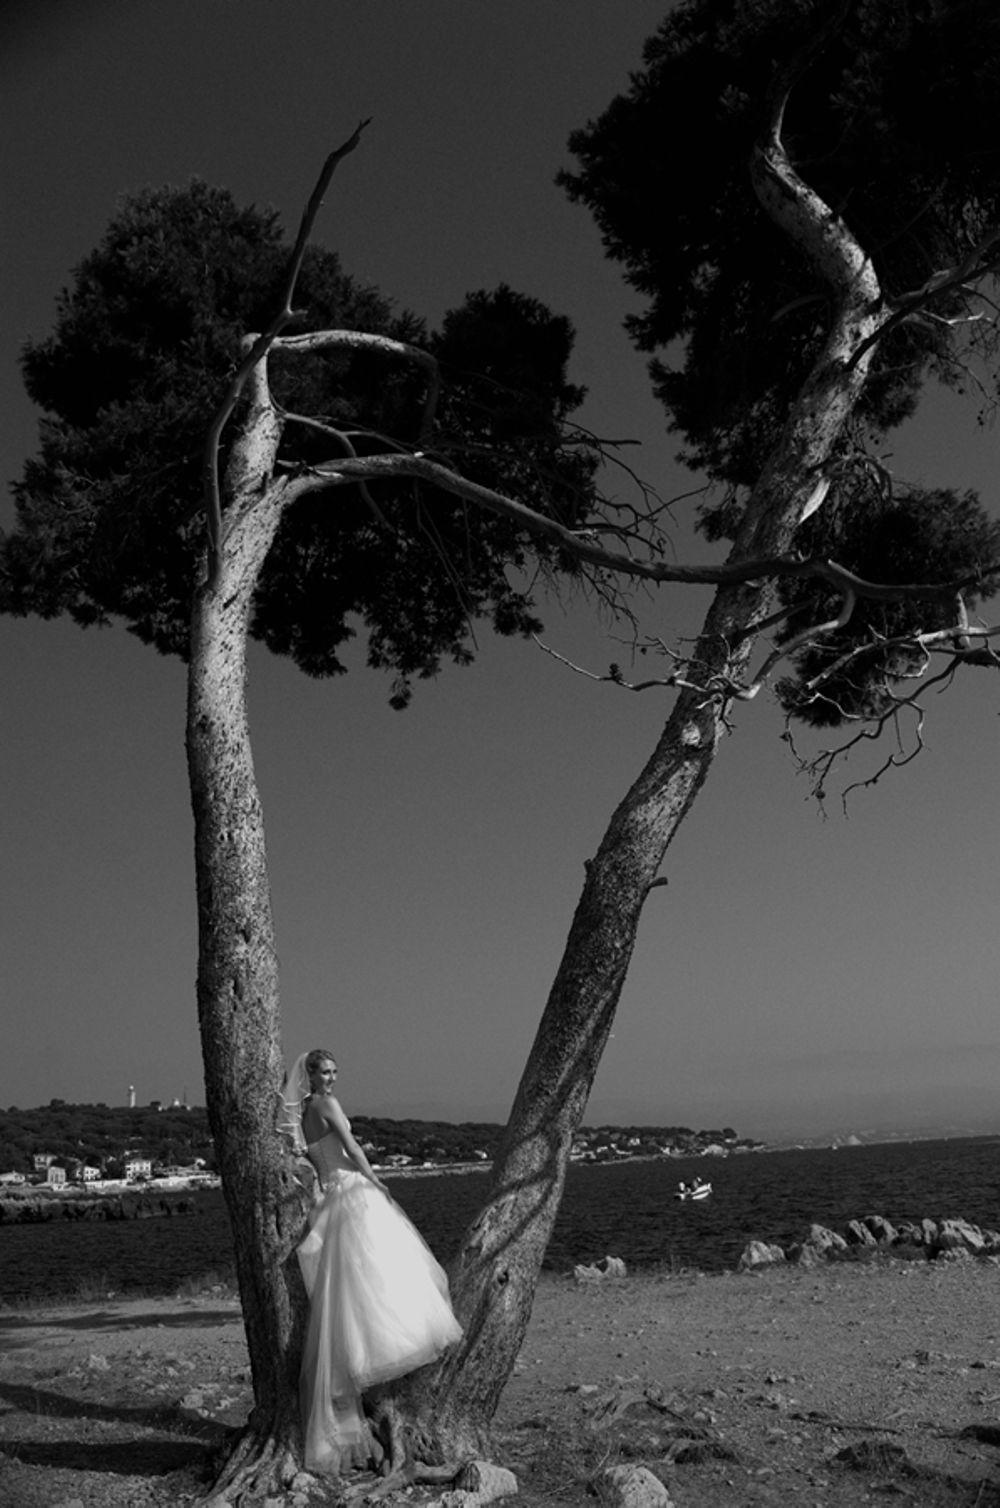 Frederic DELEUSE photo